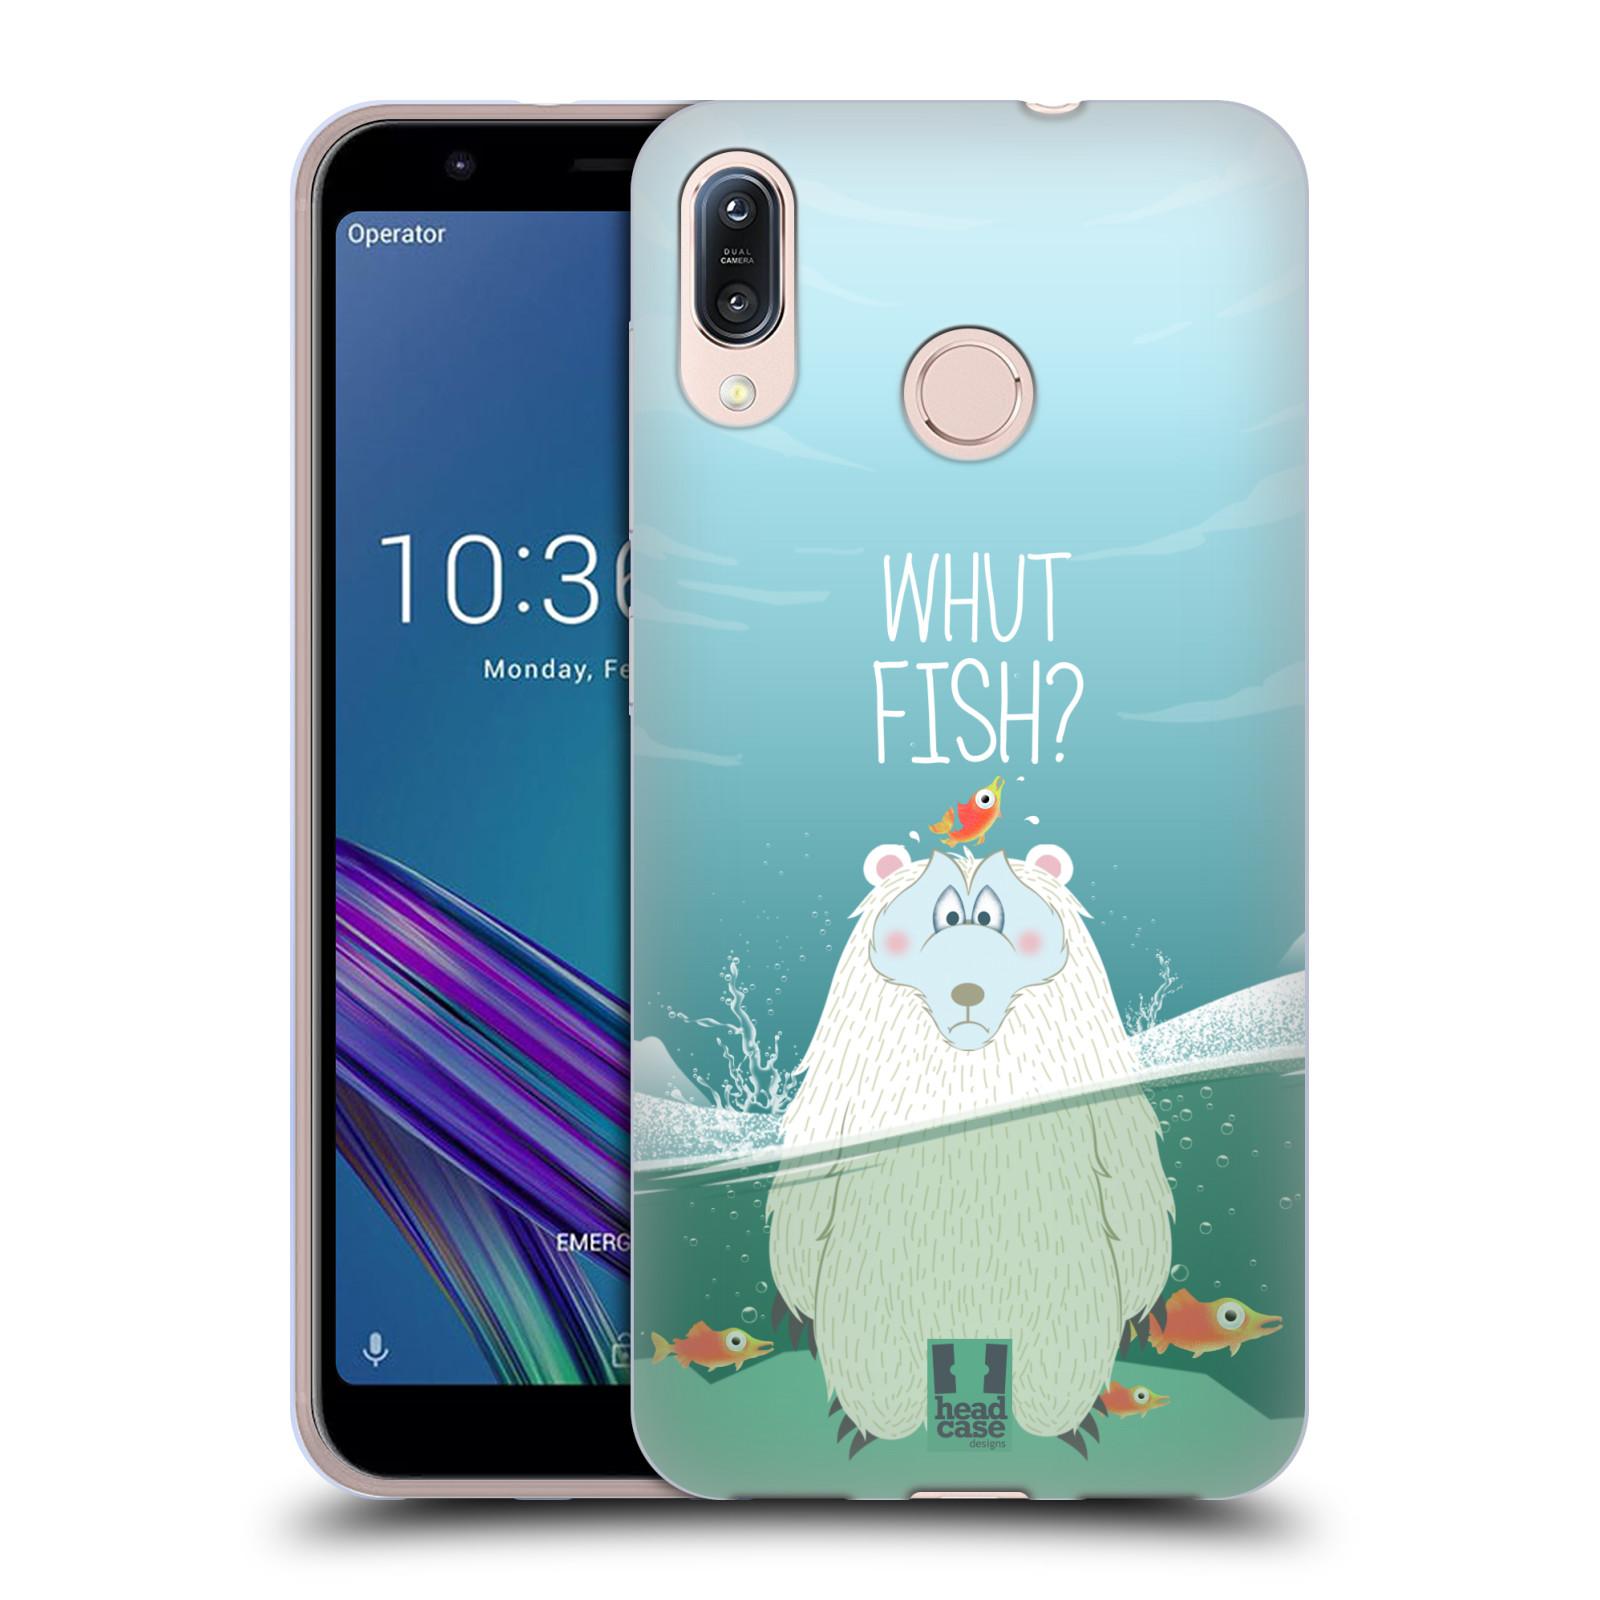 Silikonové pouzdro na mobil Asus Zenfone Max M1 ZB555KL - Head Case - Medvěd Whut Fish?